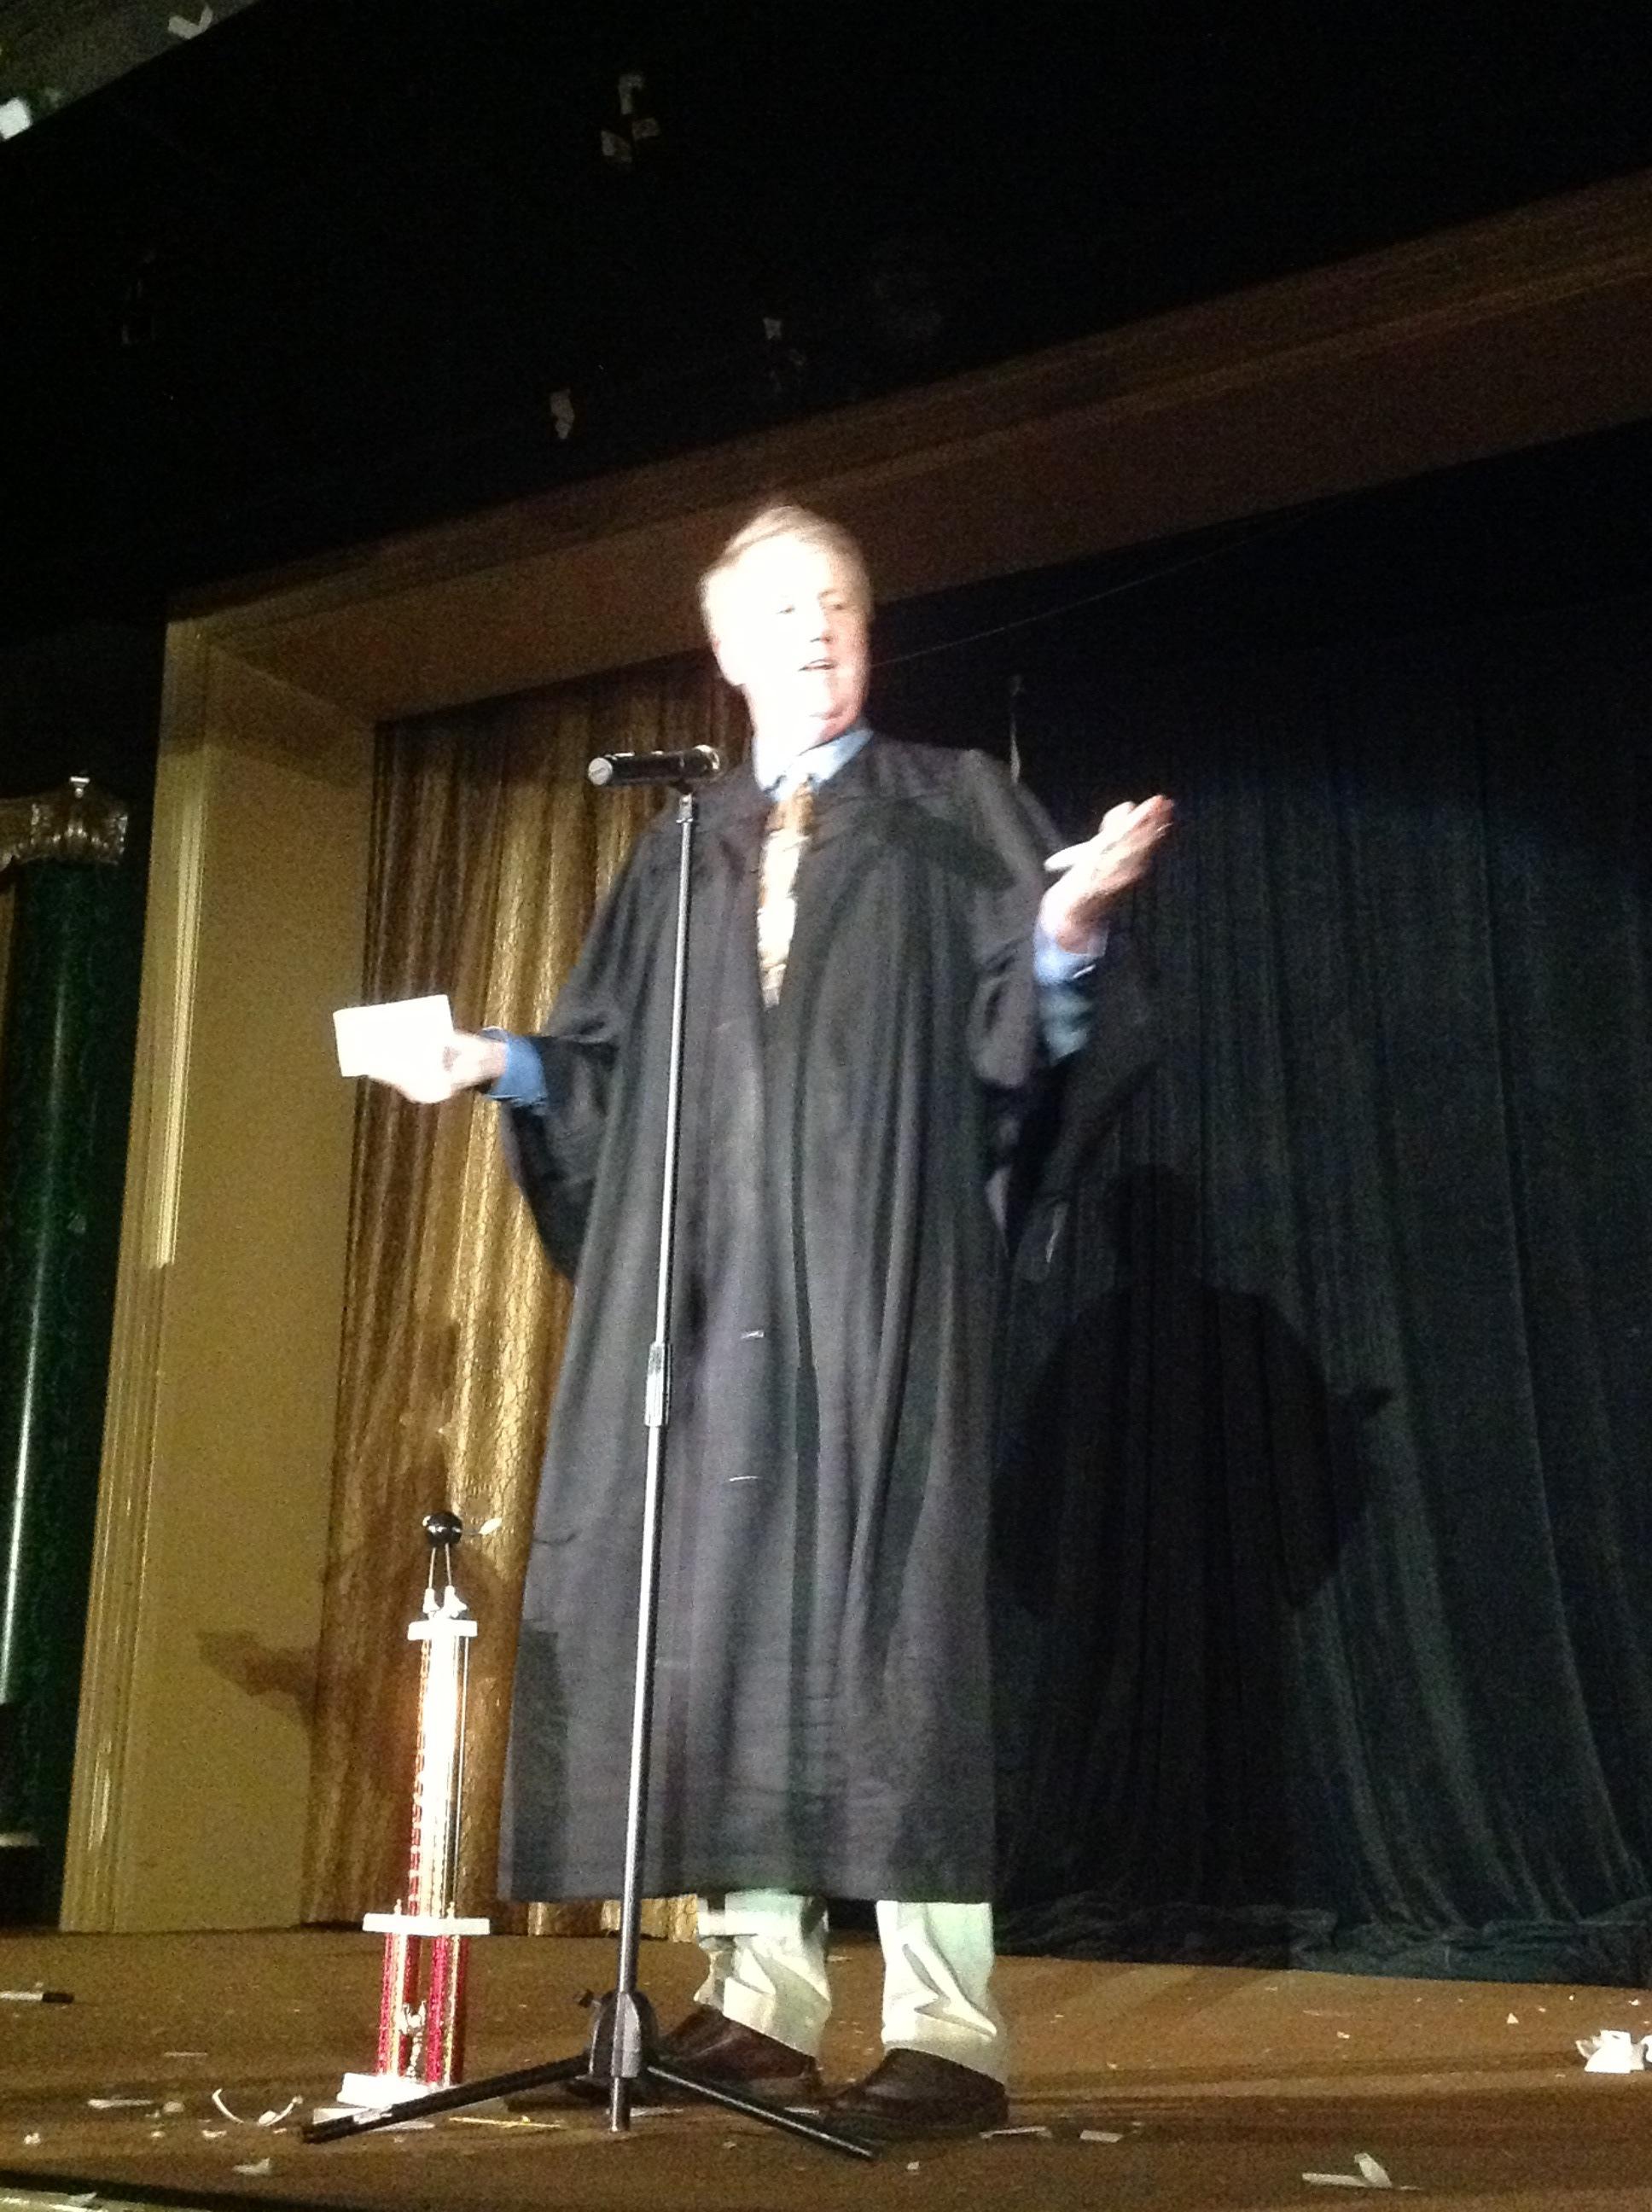 Judge Harry Anderson